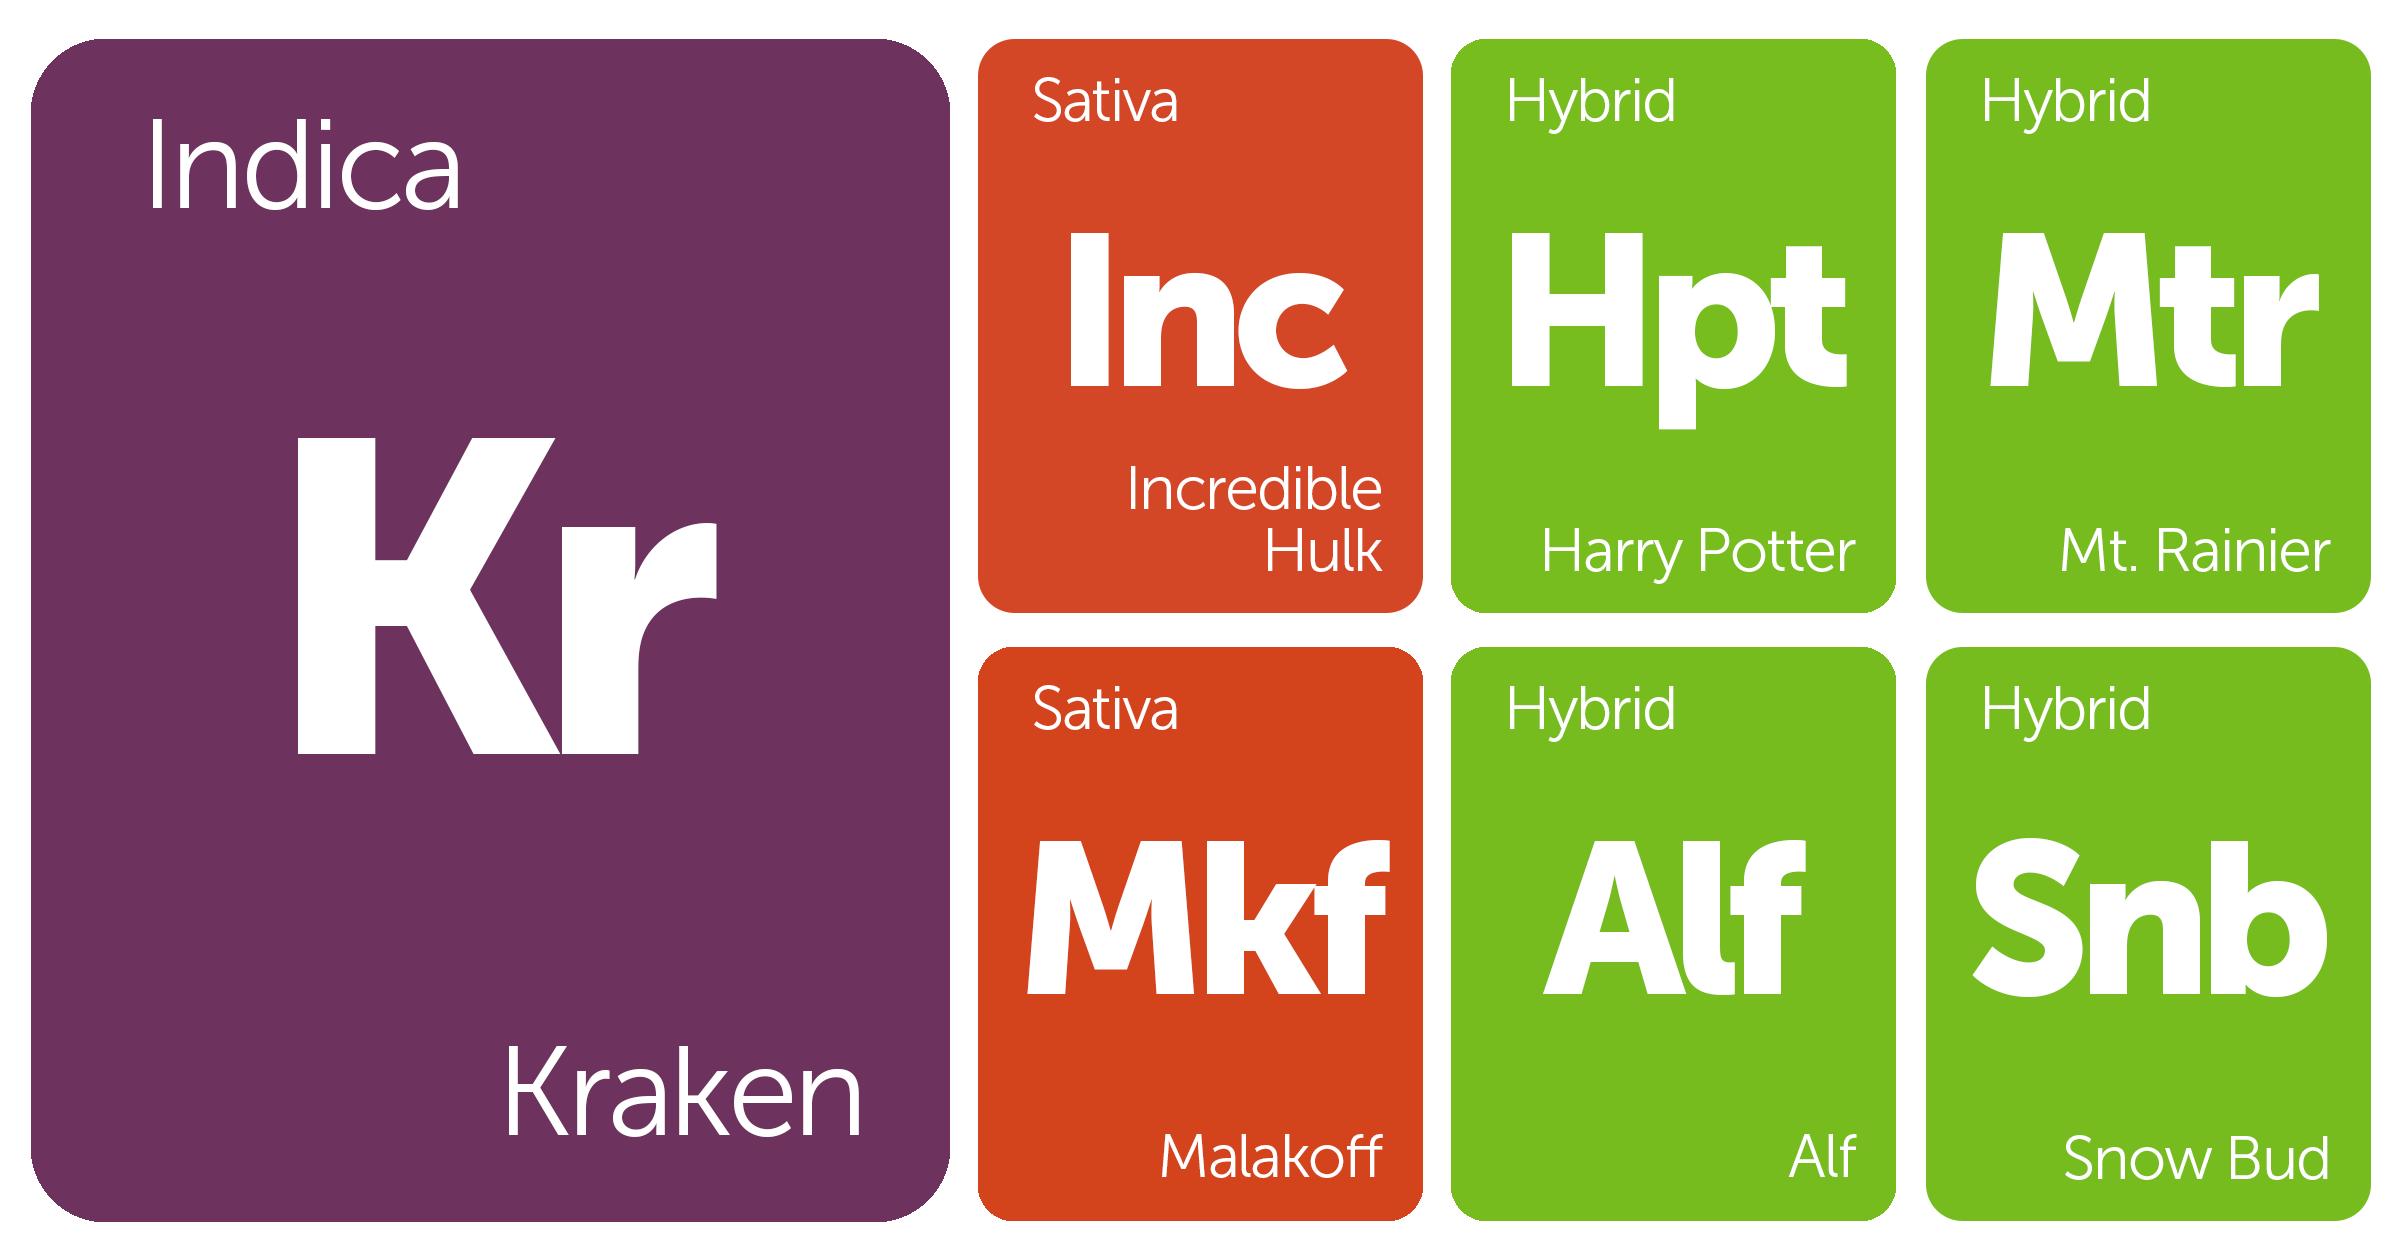 New Strains Alert: Kraken, Harry Potter, Incredible Hulk, Mt. Rainier, and More